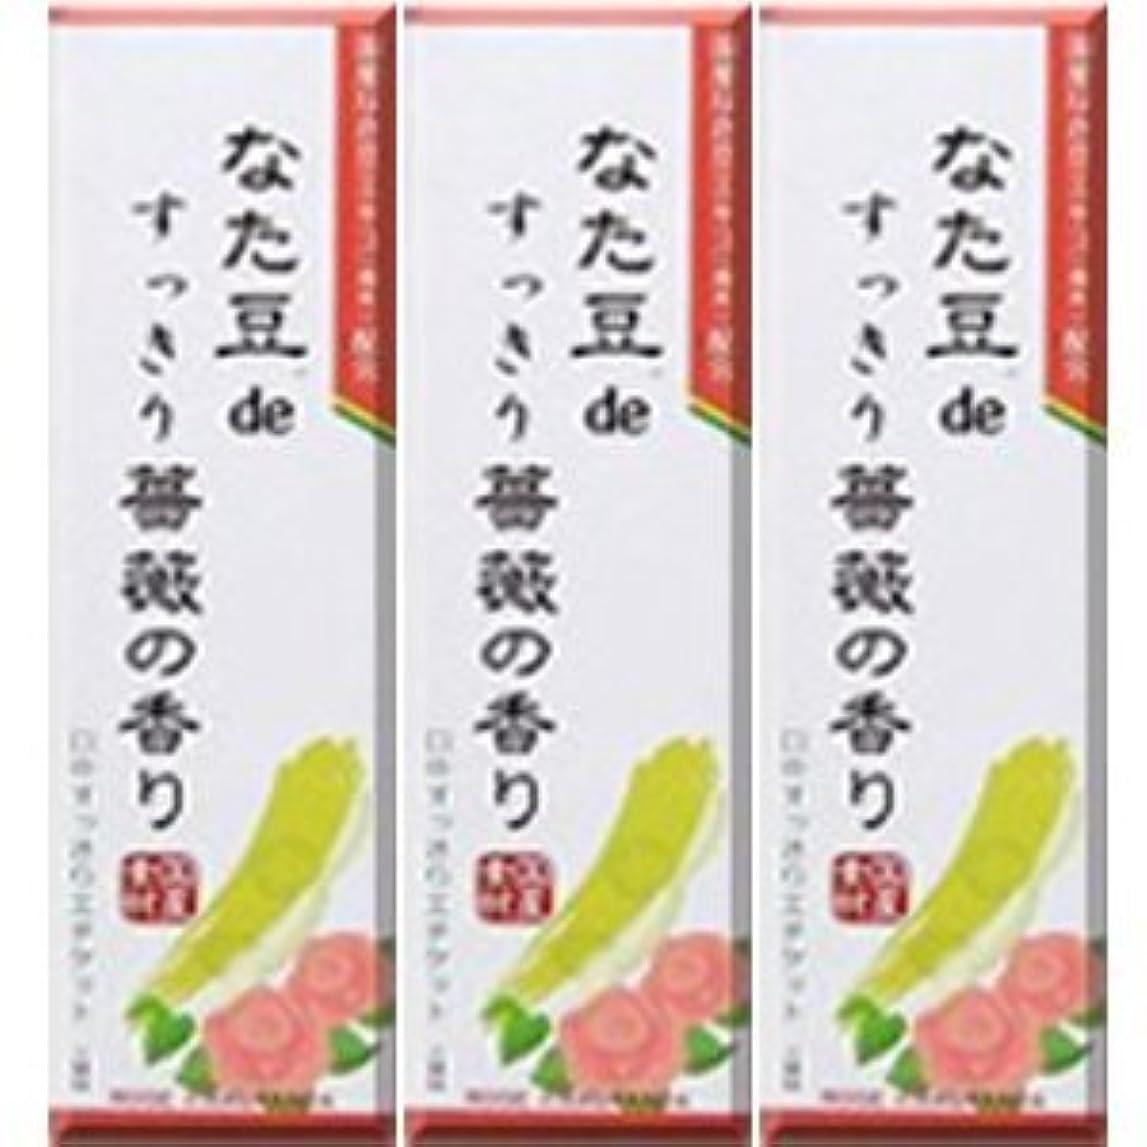 研磨グリップスラッシュなた豆deすっきり薔薇の香り 120gx3個 (4543268071192)